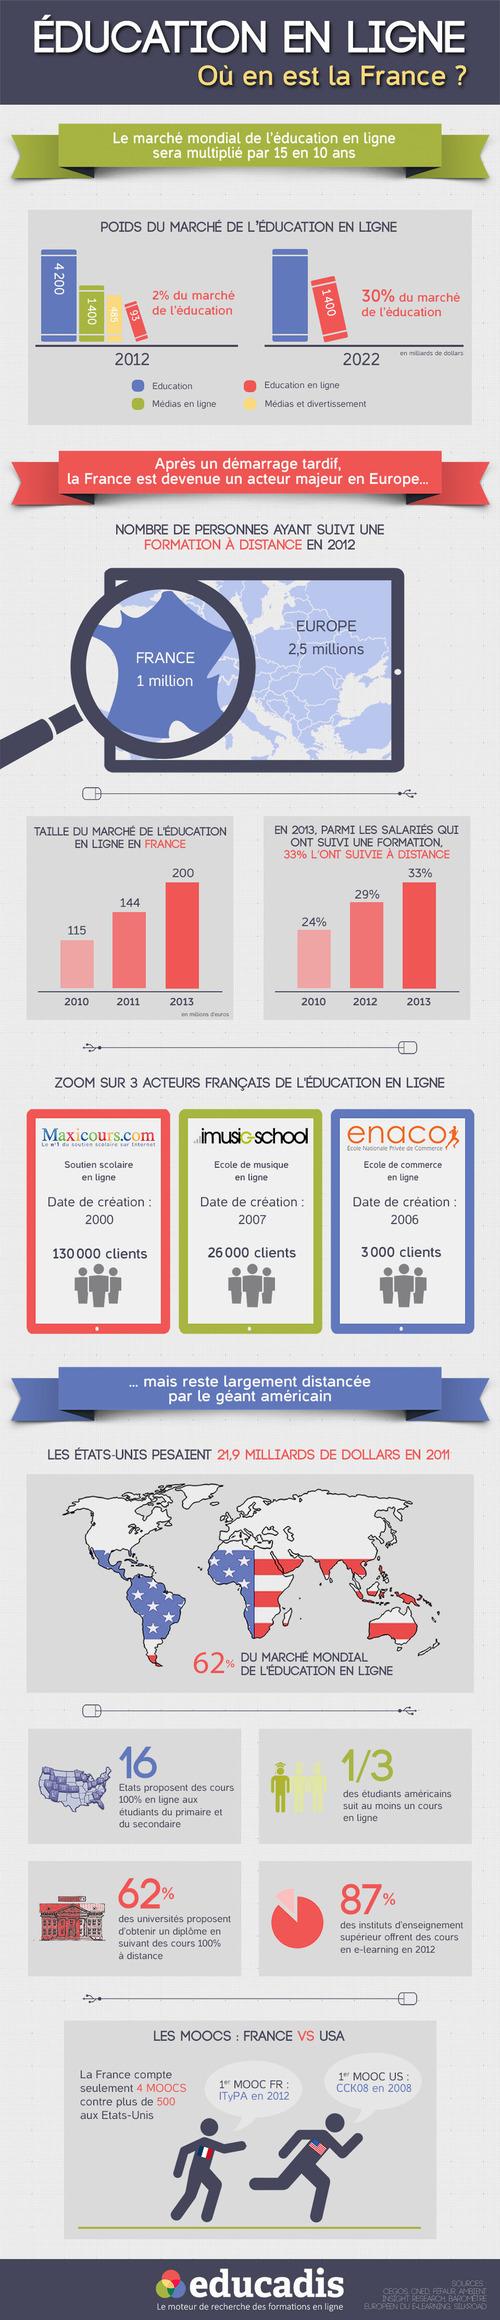 Les cours en ligne, la nouvelle tendance!